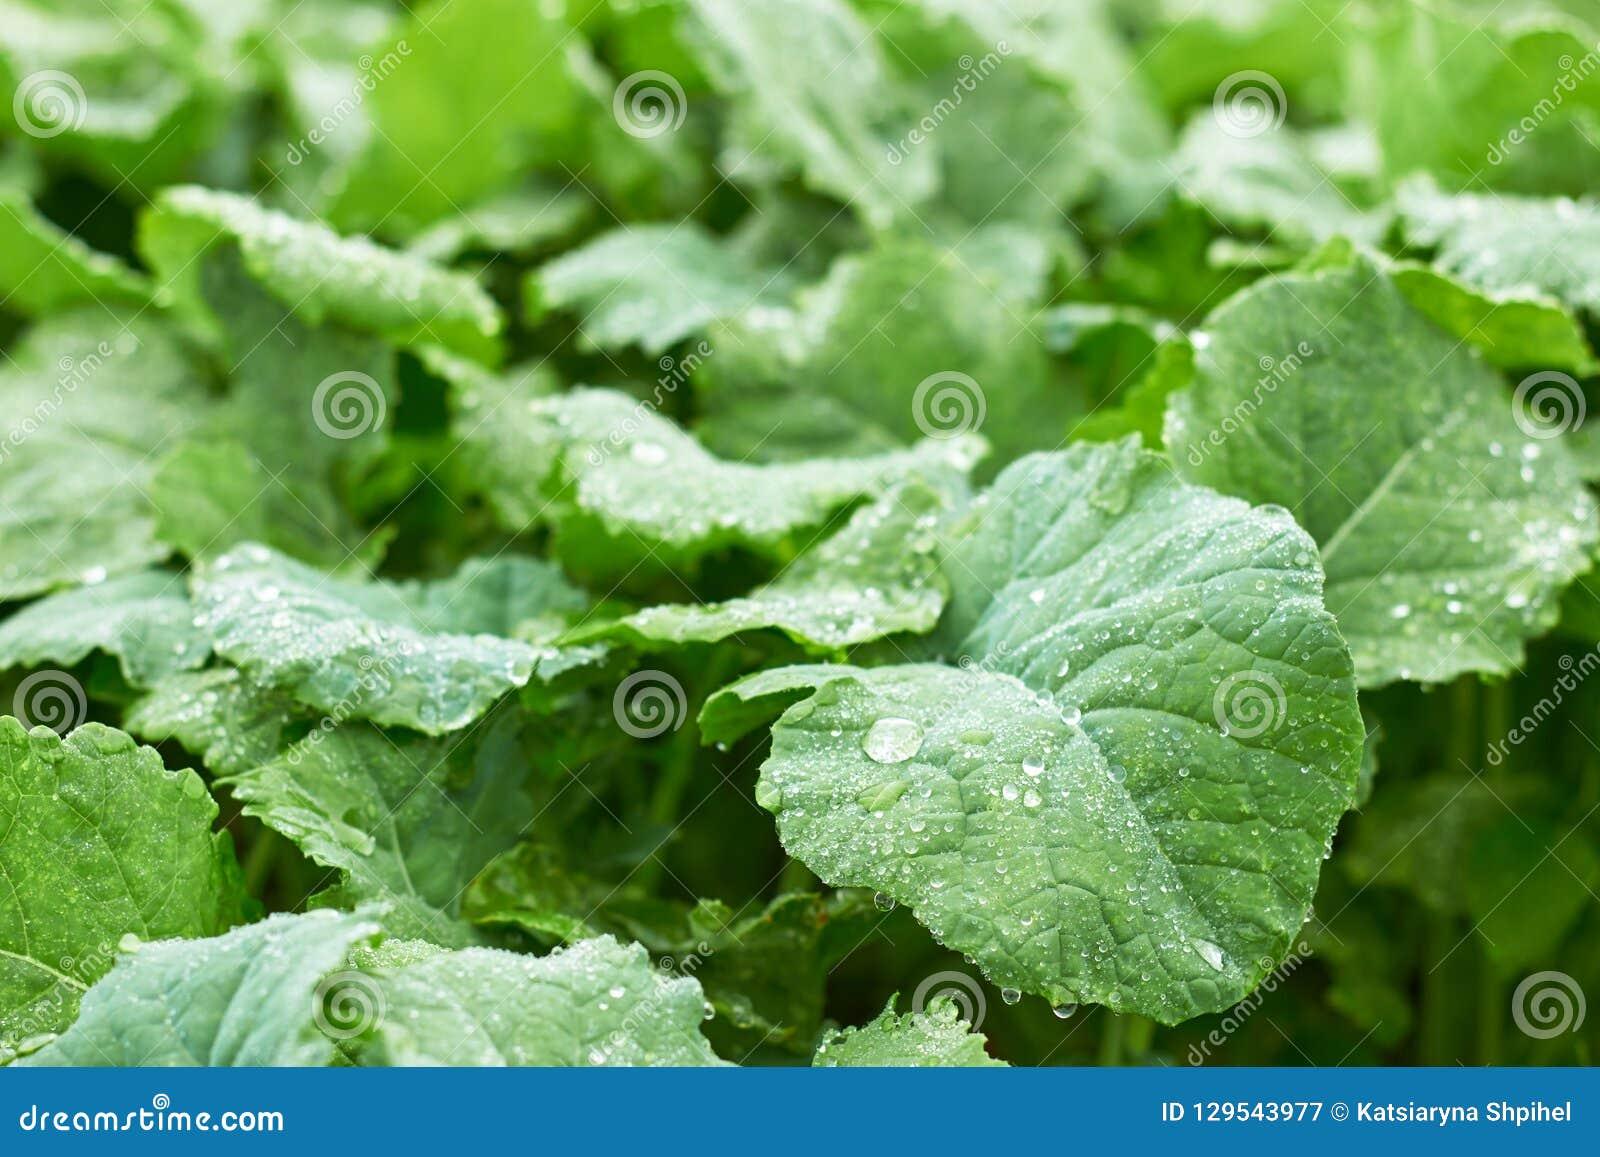 Folha verde com gotas da água na cama no campo após a chuva, espaço da violação da cópia, close up, macro